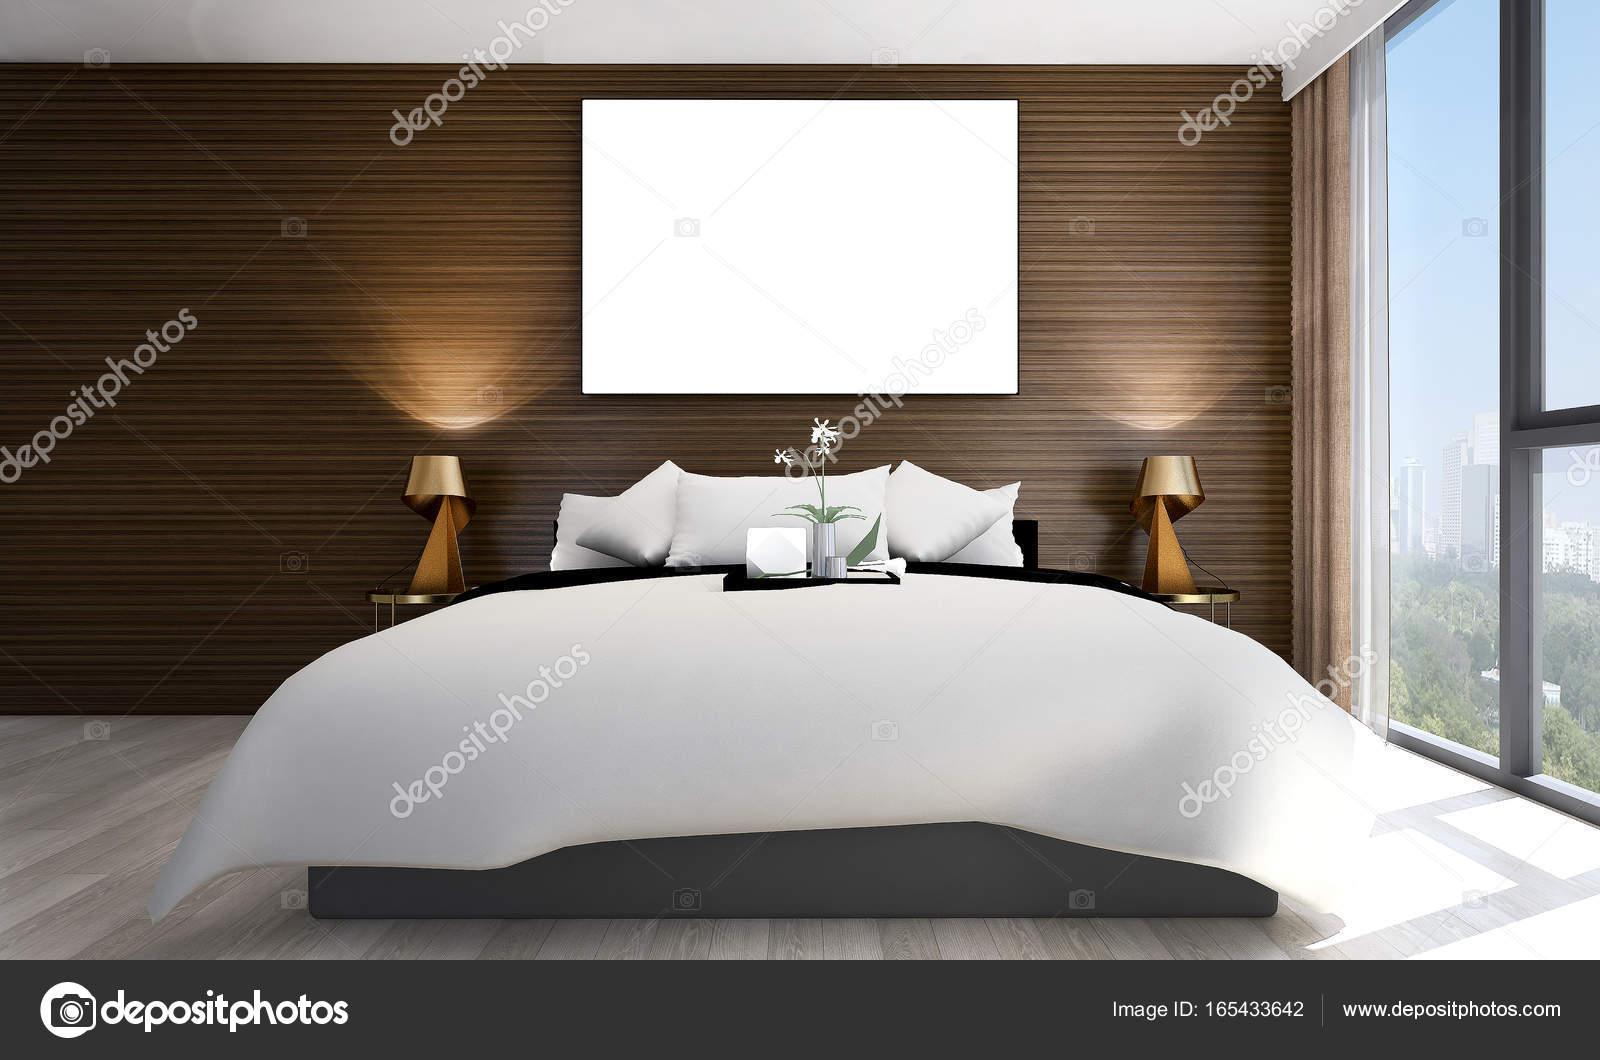 Luxe Slaapkamer Interieur : Het luxe slaapkamer interieur en hout muur textuur en foto frame